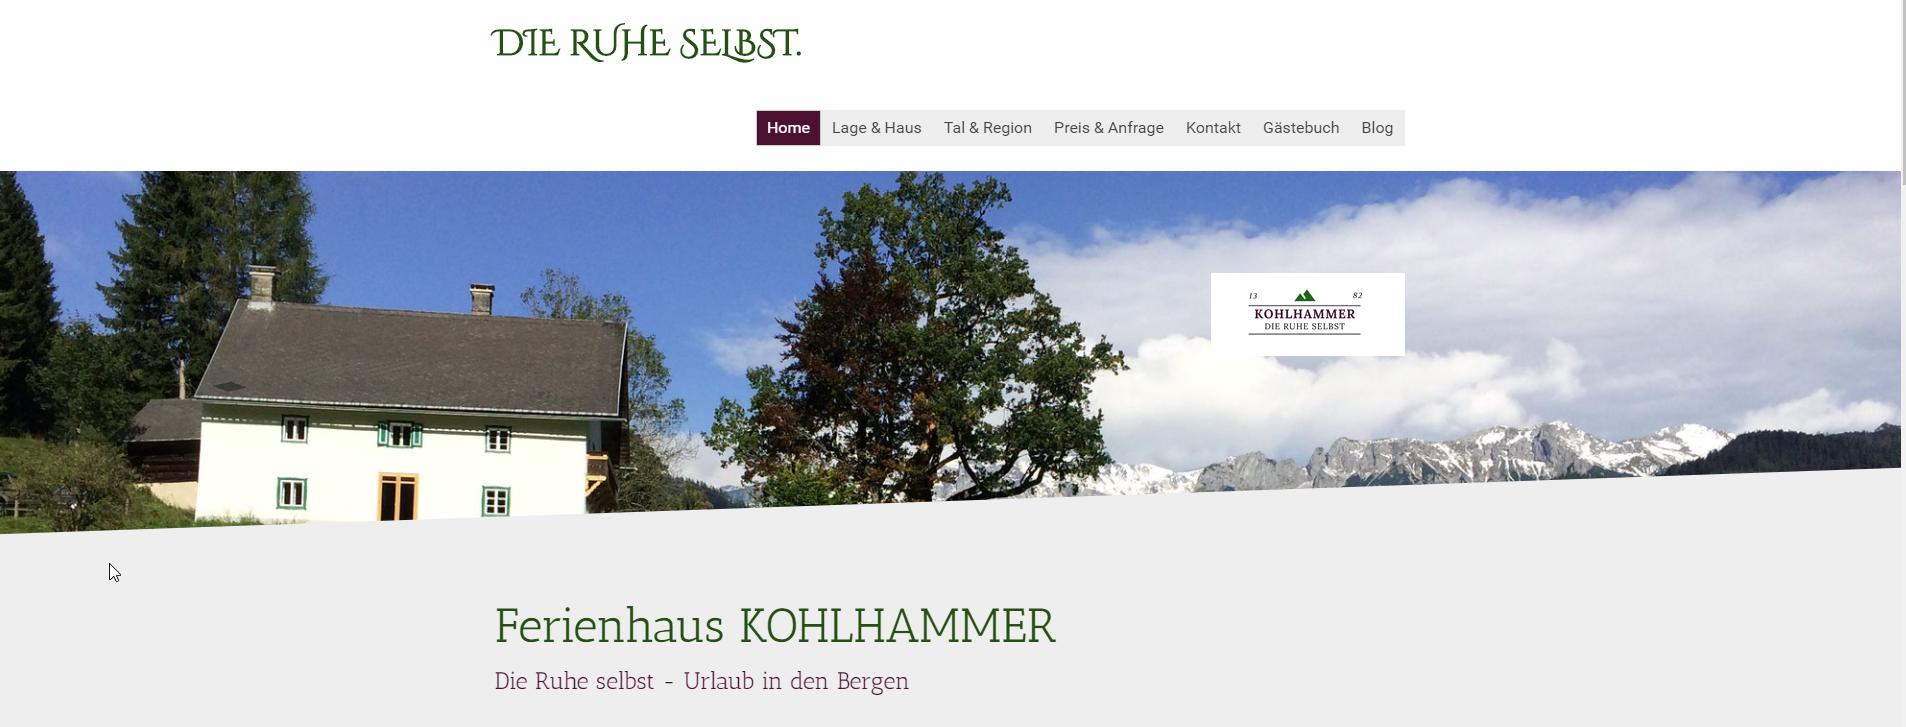 Marke, Text und Website-Coaching: Ferienhaus Kohlhammer [Die Ruhe selbst]